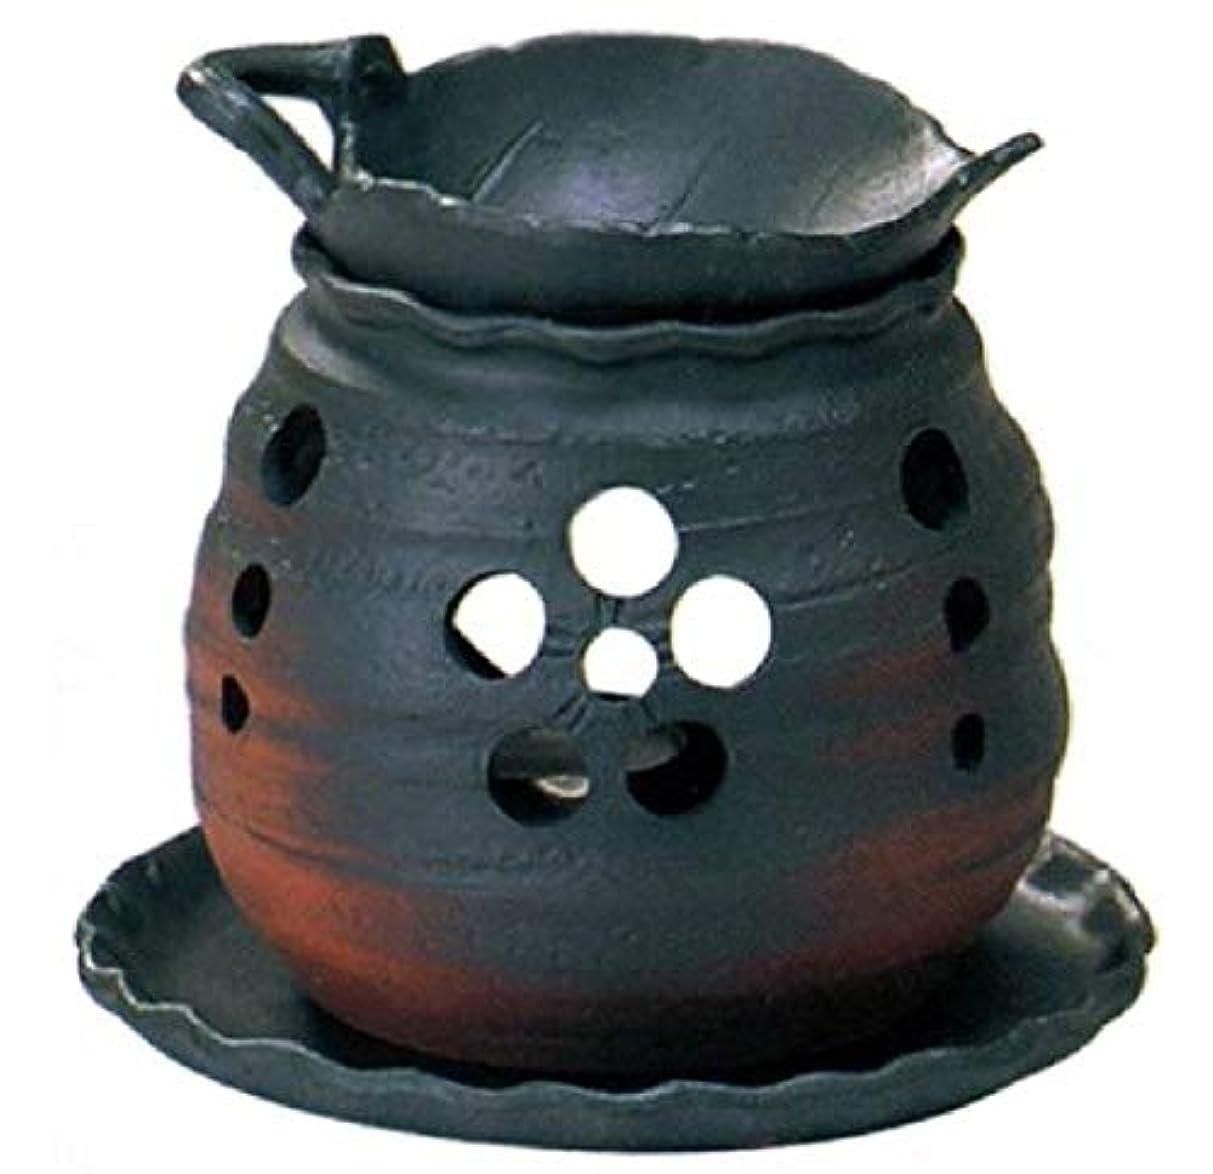 動物お手入れ有彩色の常滑焼 創器 ゆとり 茶香炉 径:13.2cm 高さ:11.5cm 木の葉の皿付 サ39-10